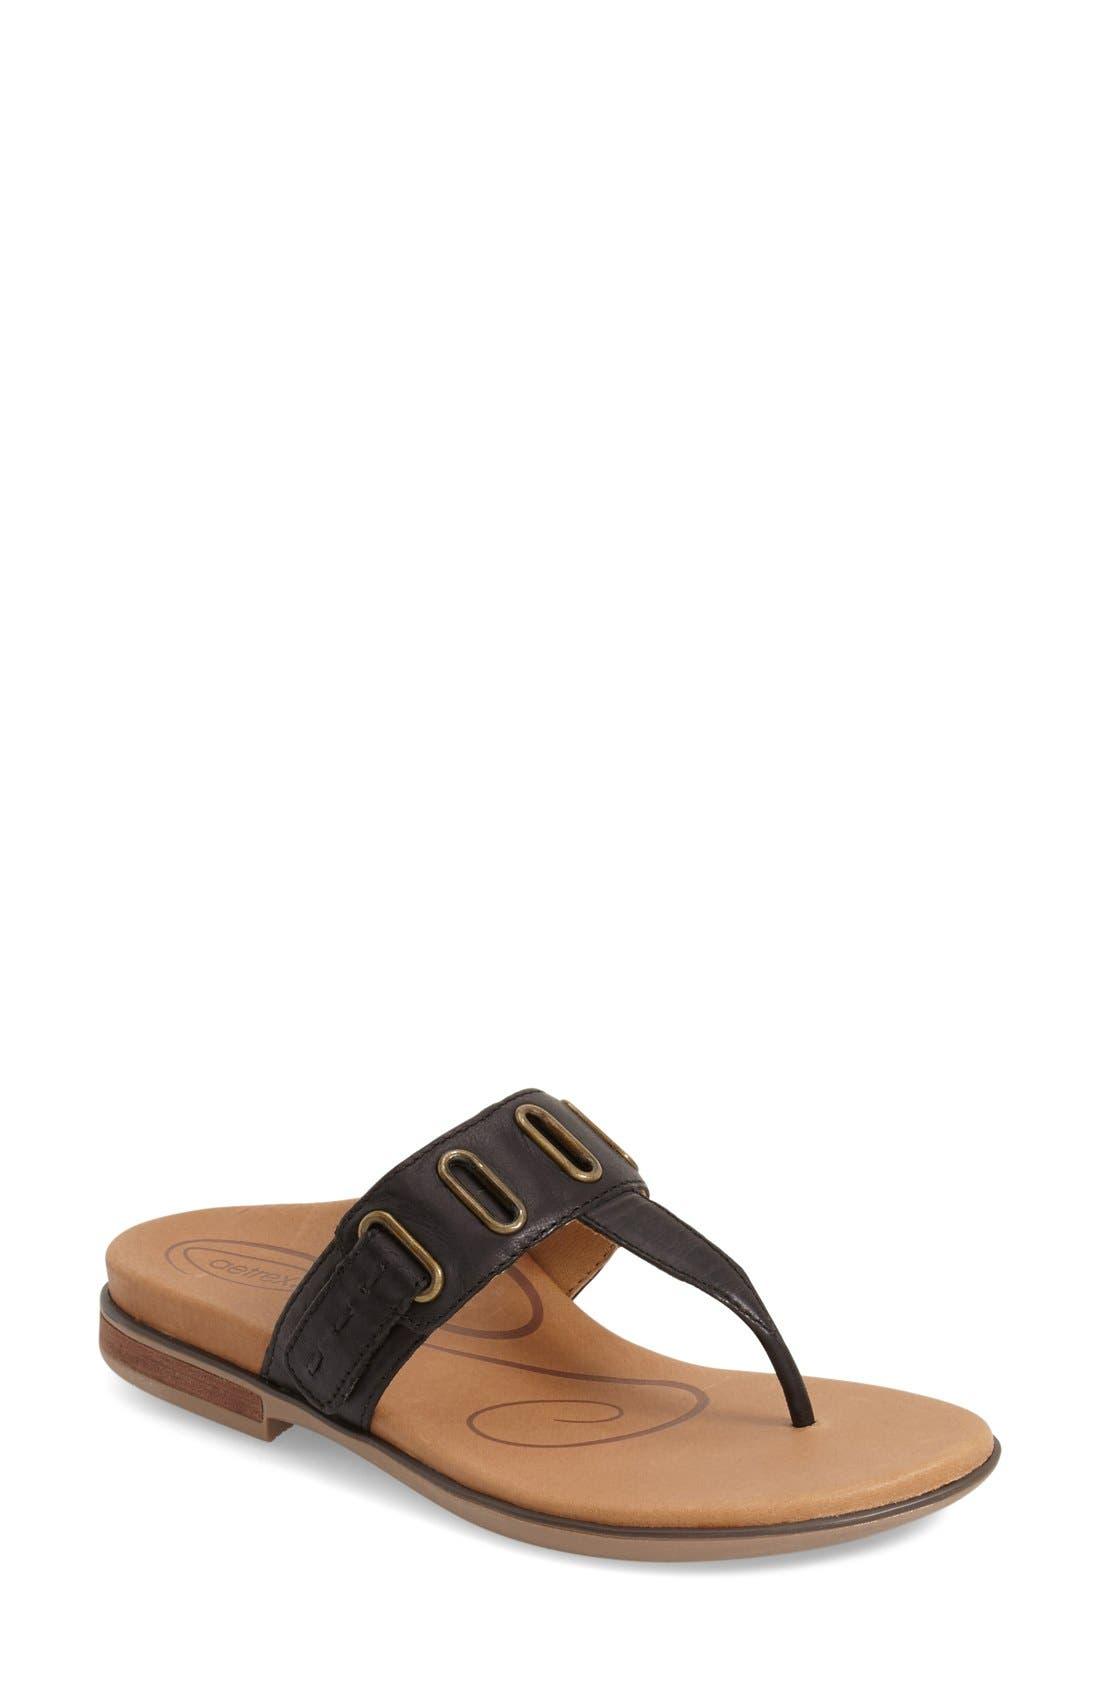 'Zara' Flip Flop,                         Main,                         color, 001